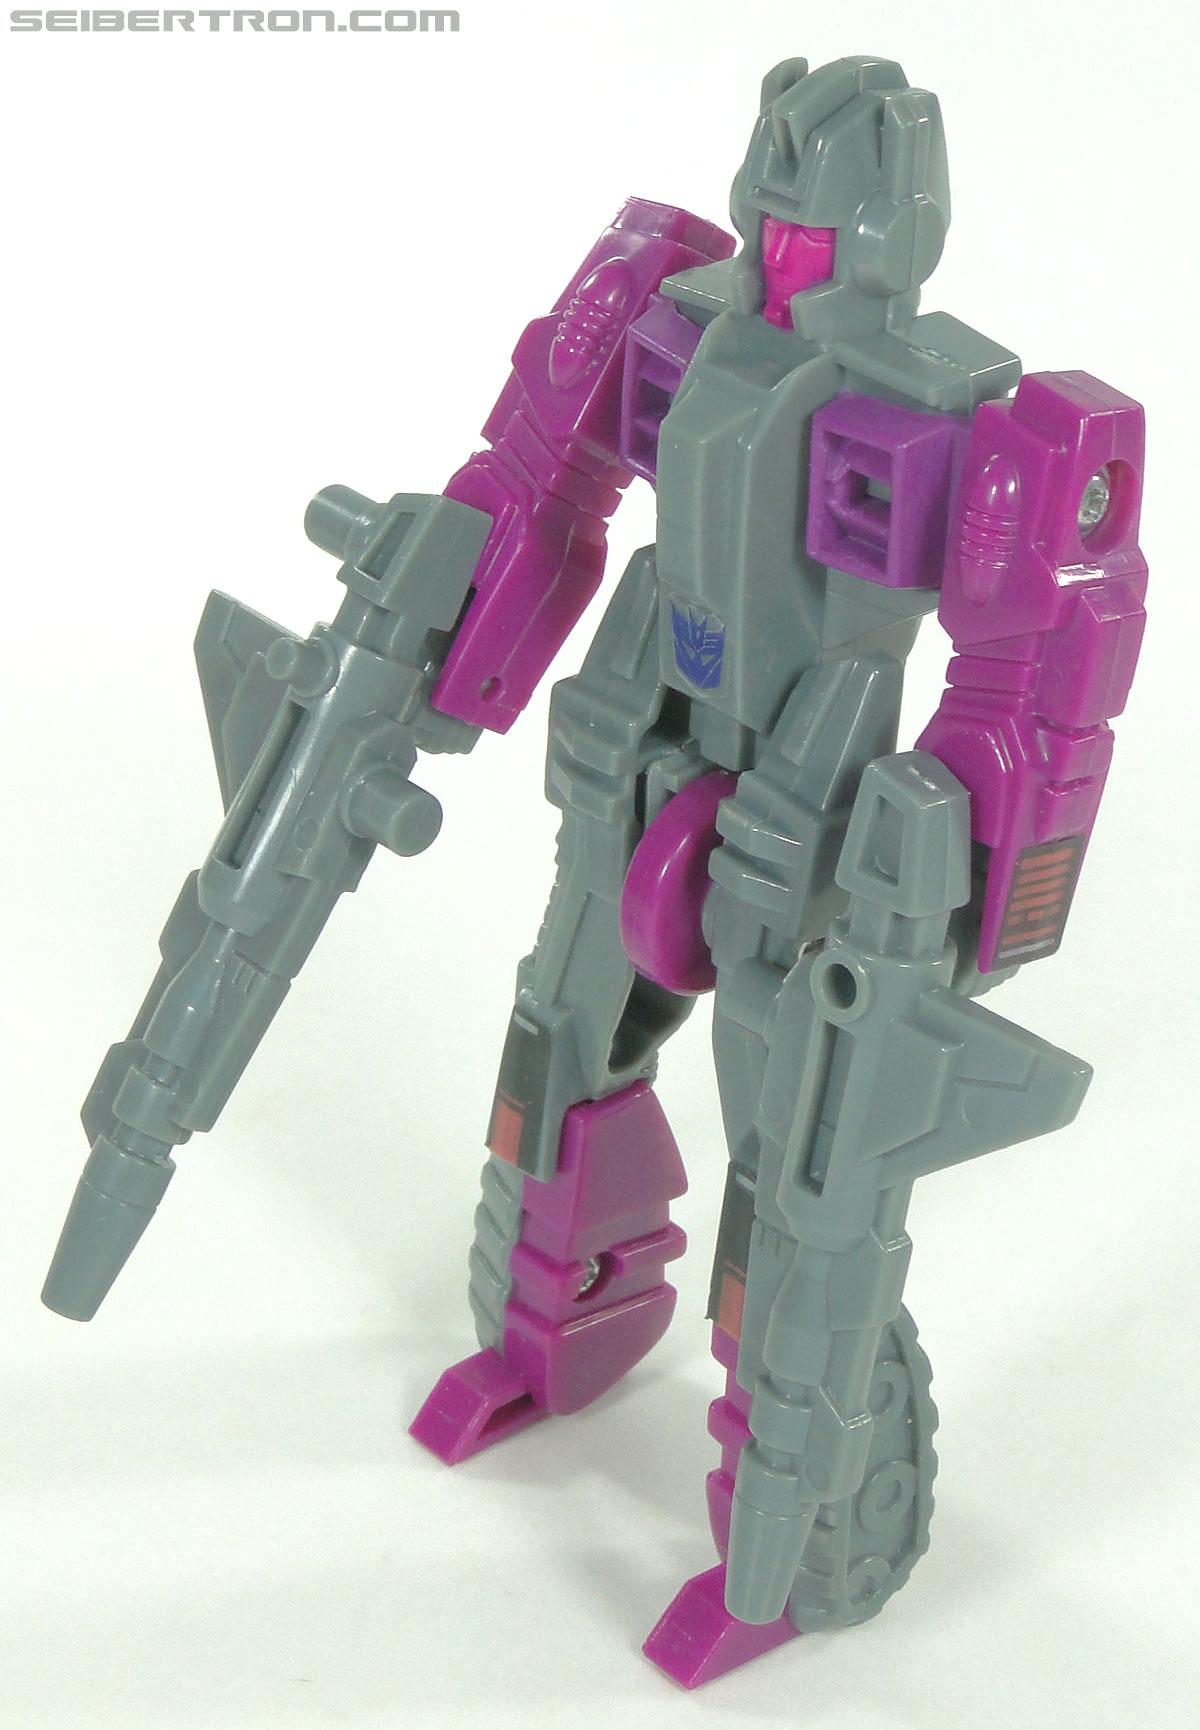 Transformers Super God Masterforce Skullgrin (Dauros) (Image #156 of 196)